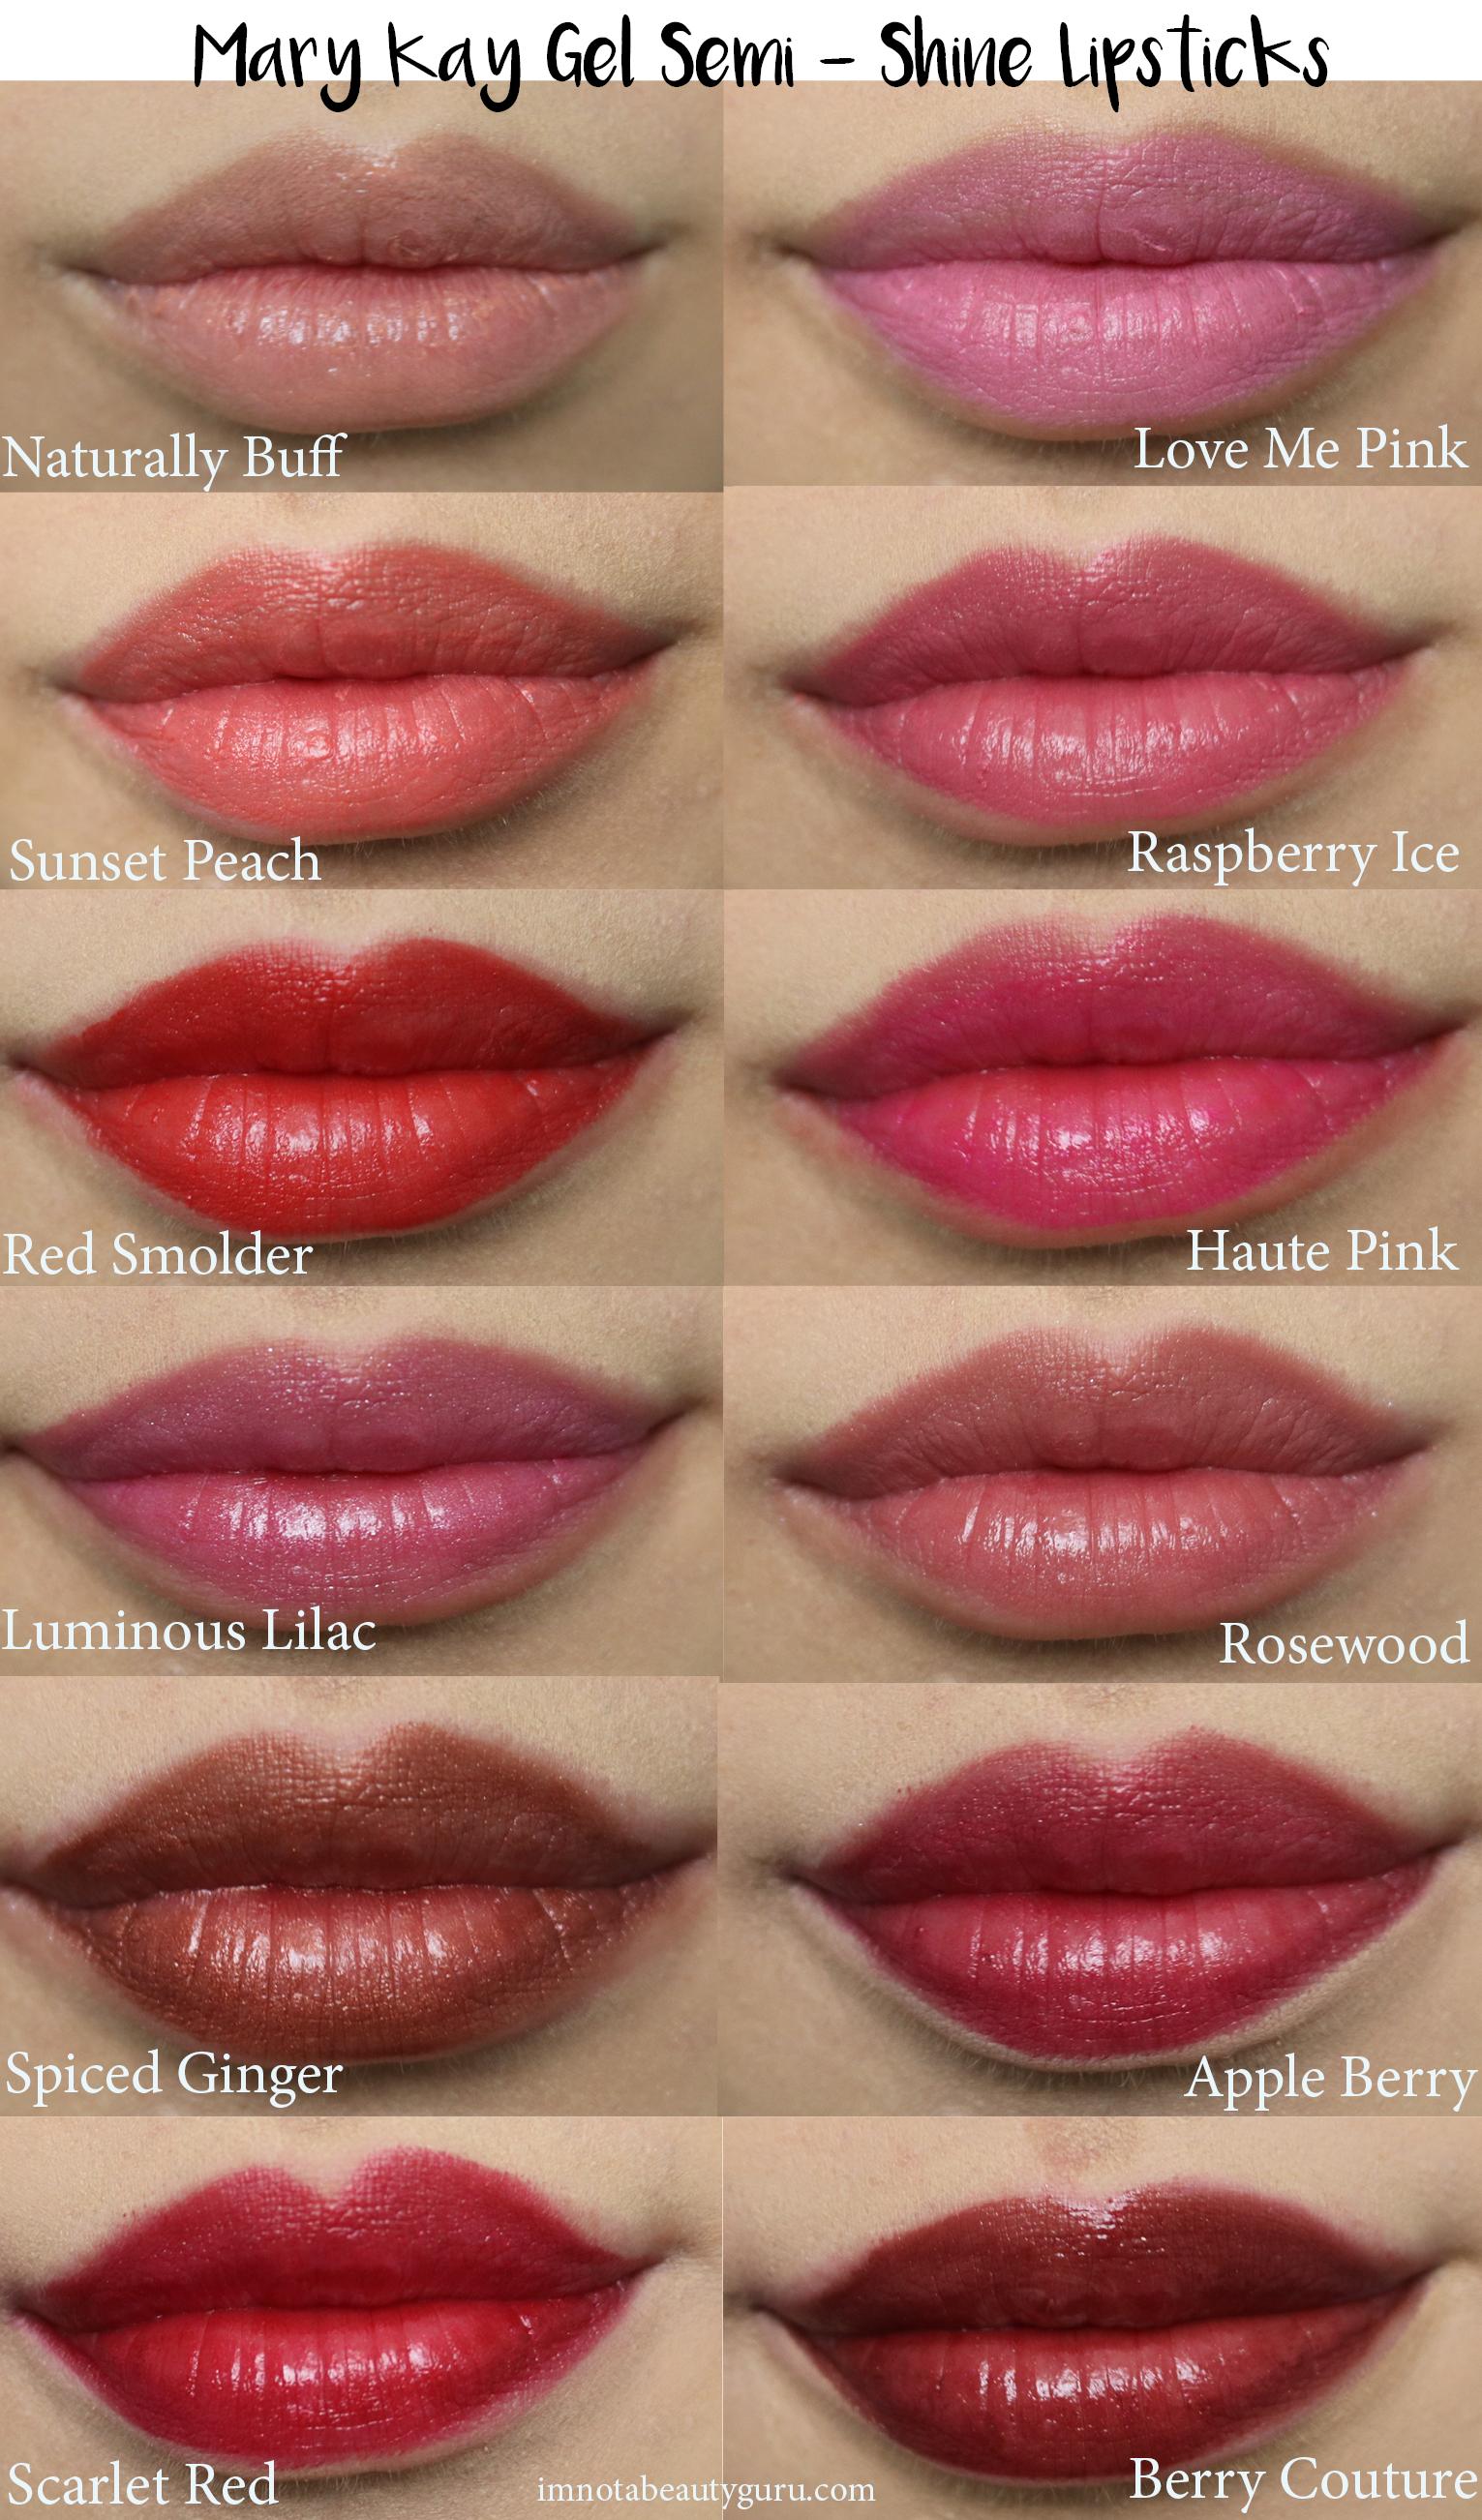 Review Mary Kay Gel SemiShine Lipsticks Mary kay